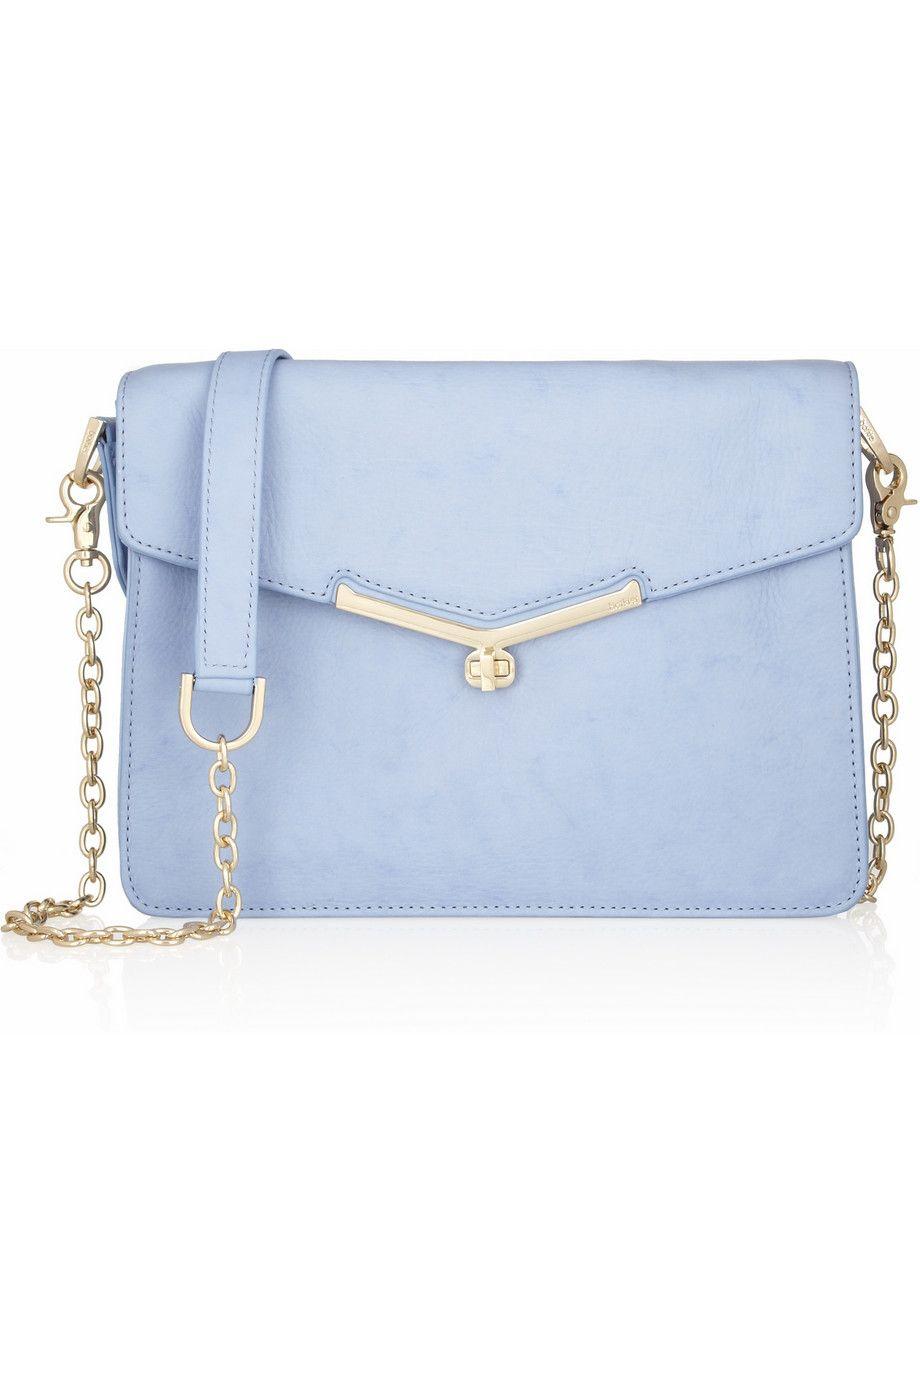 Valentina leather shoulder bag by Botkier